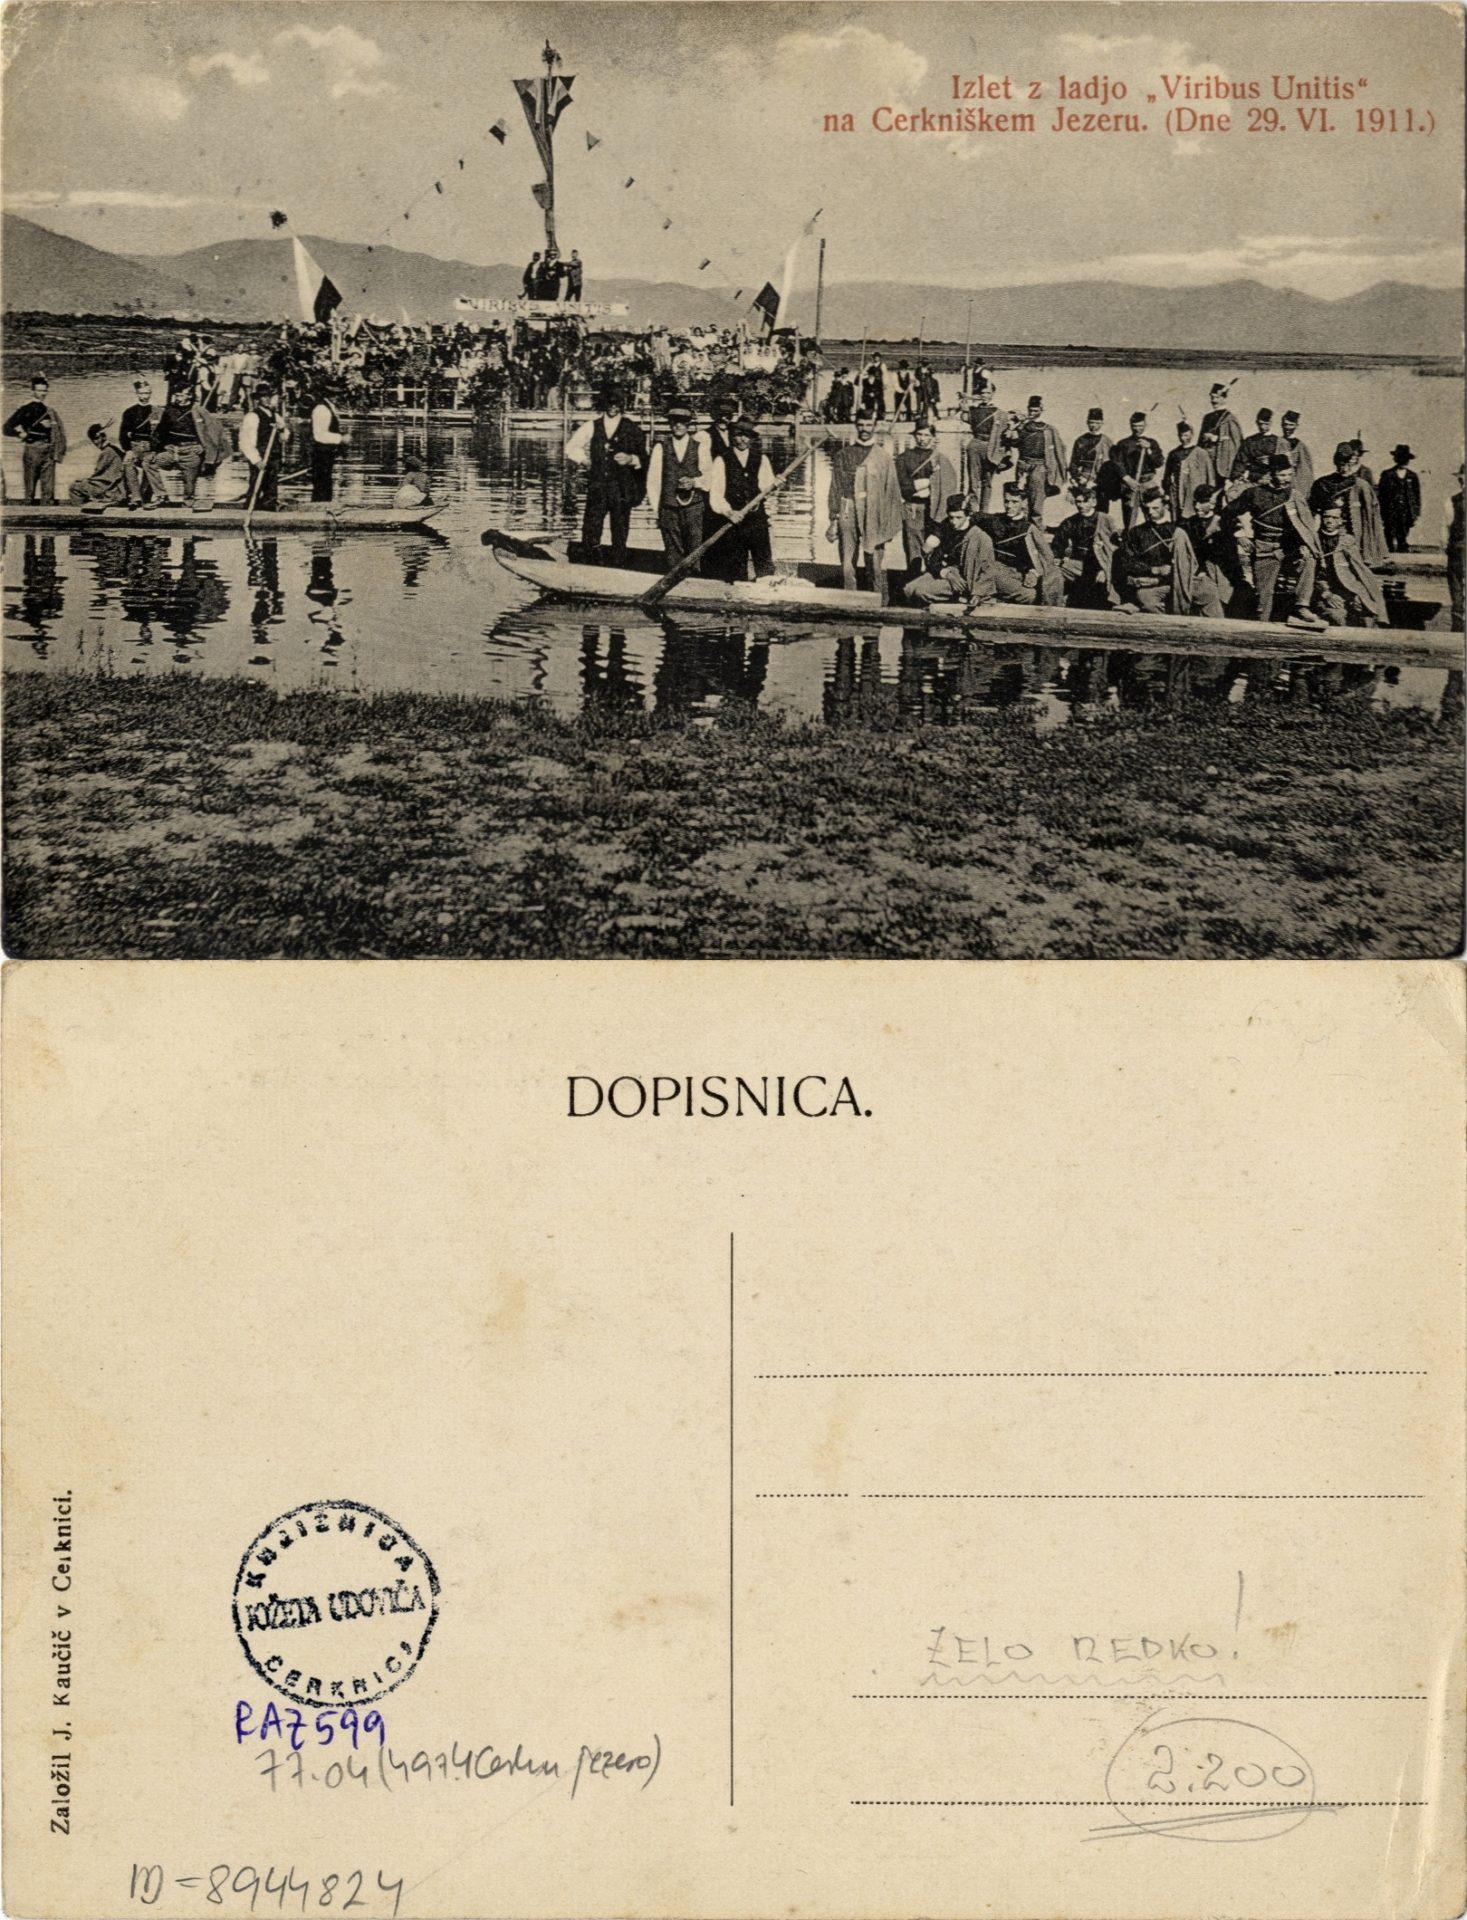 zlimano - Cerkniško jezero